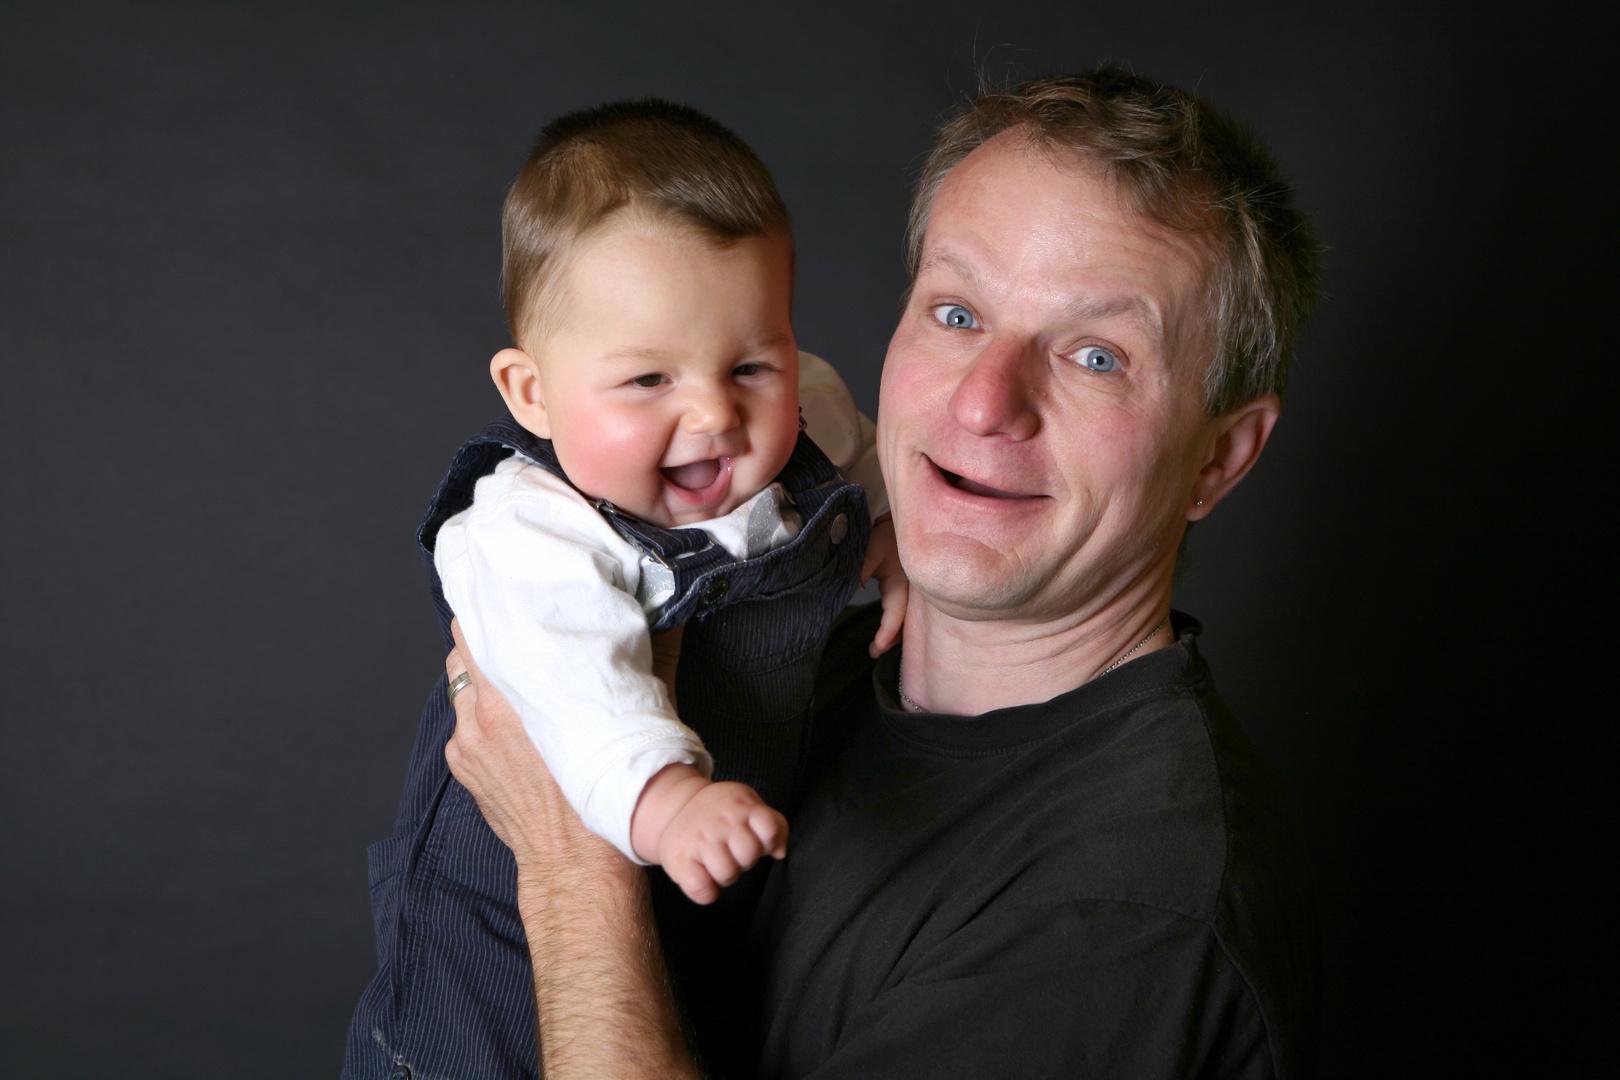 Der Vater mit dem Sohne